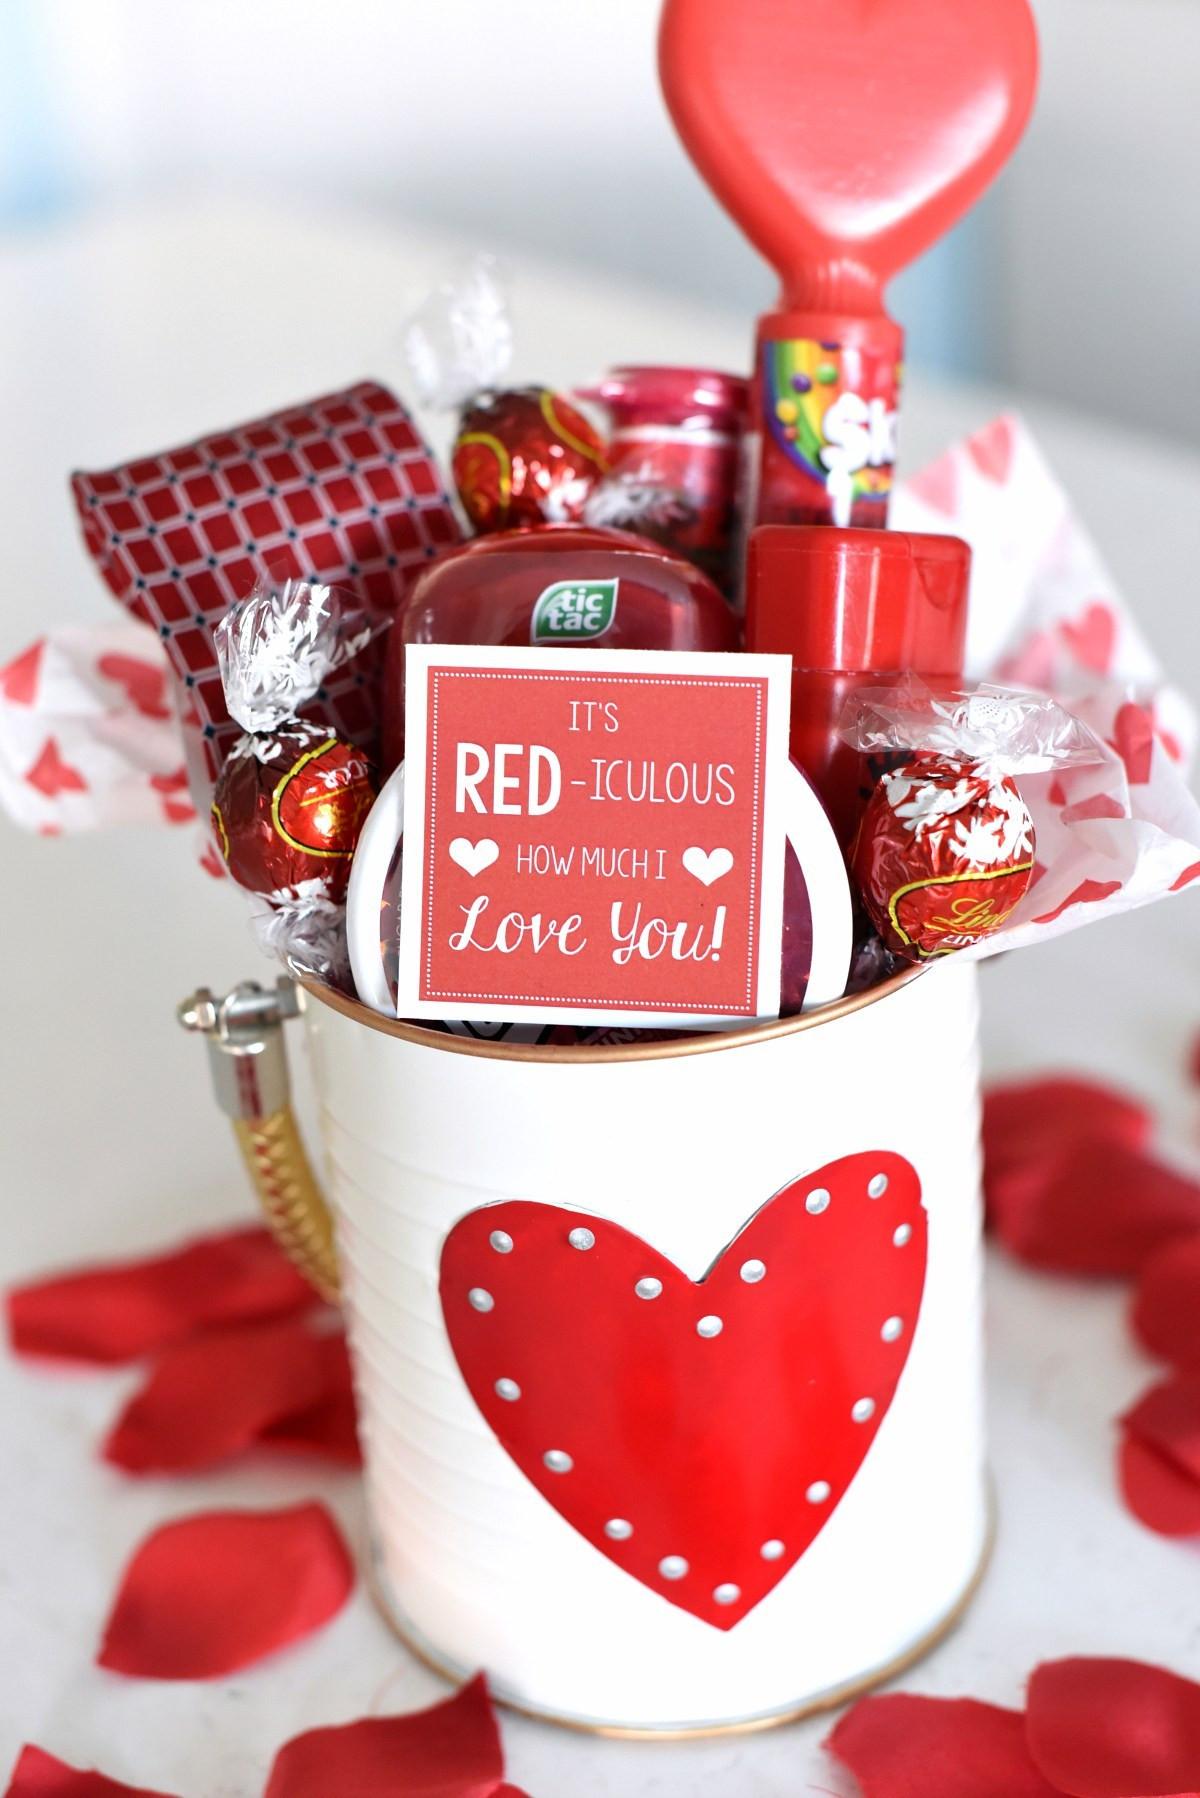 Valentine Day Gift Baskets Ideas  25 DIY Valentine s Day Gift Ideas Teens Will Love